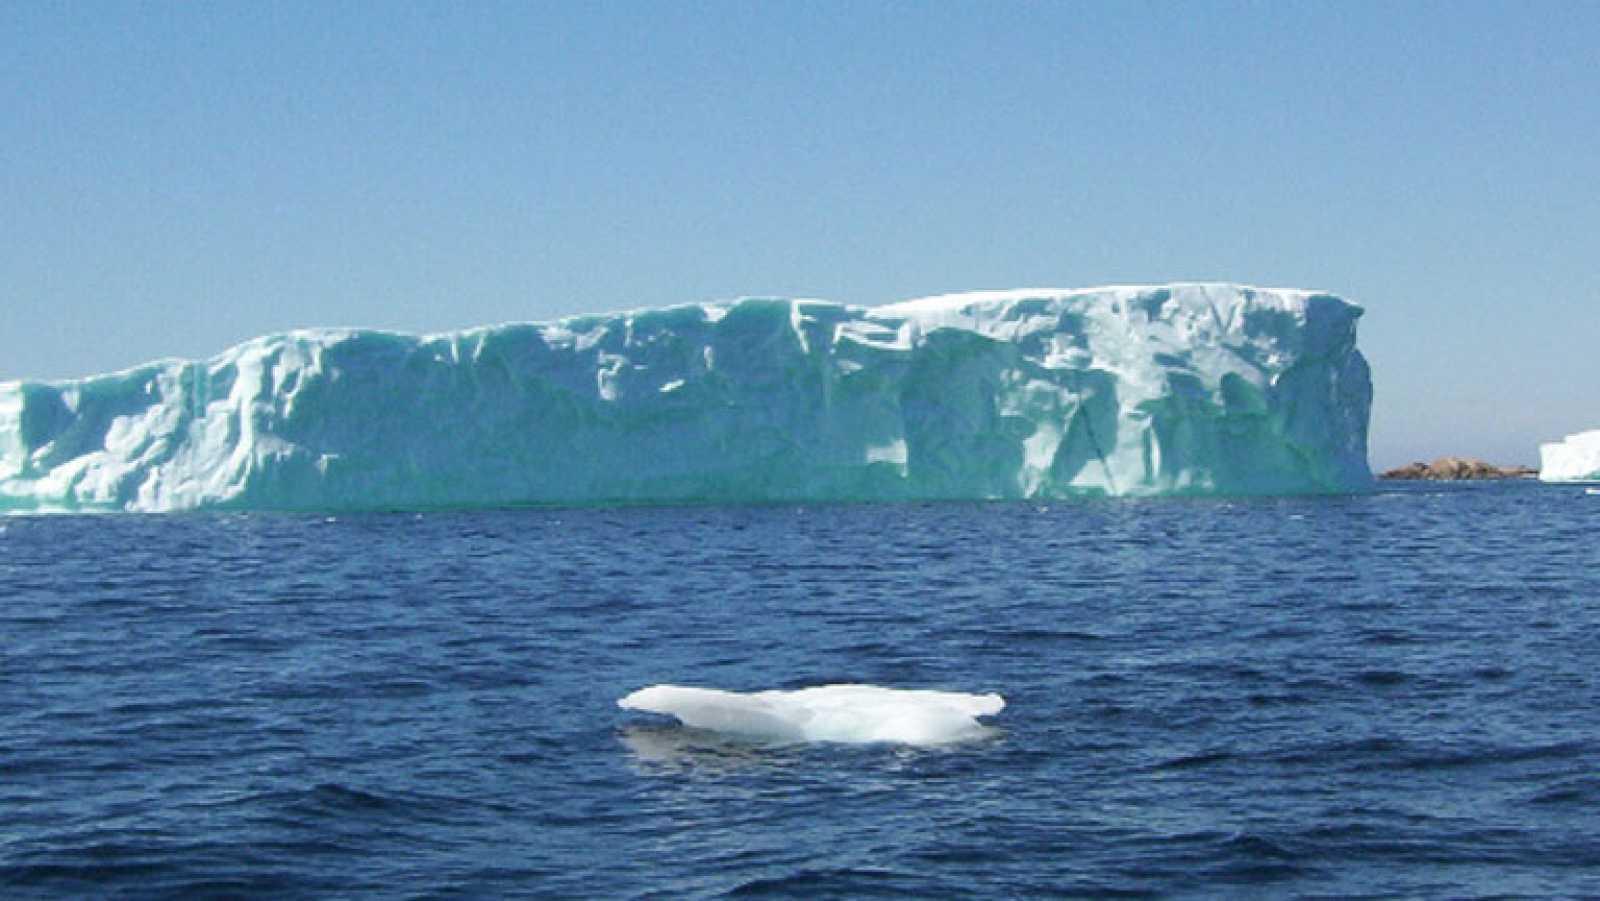 Así nacía el iceberg más grande, al desprenderese un impresionante bloque de hielo en la Antártida.